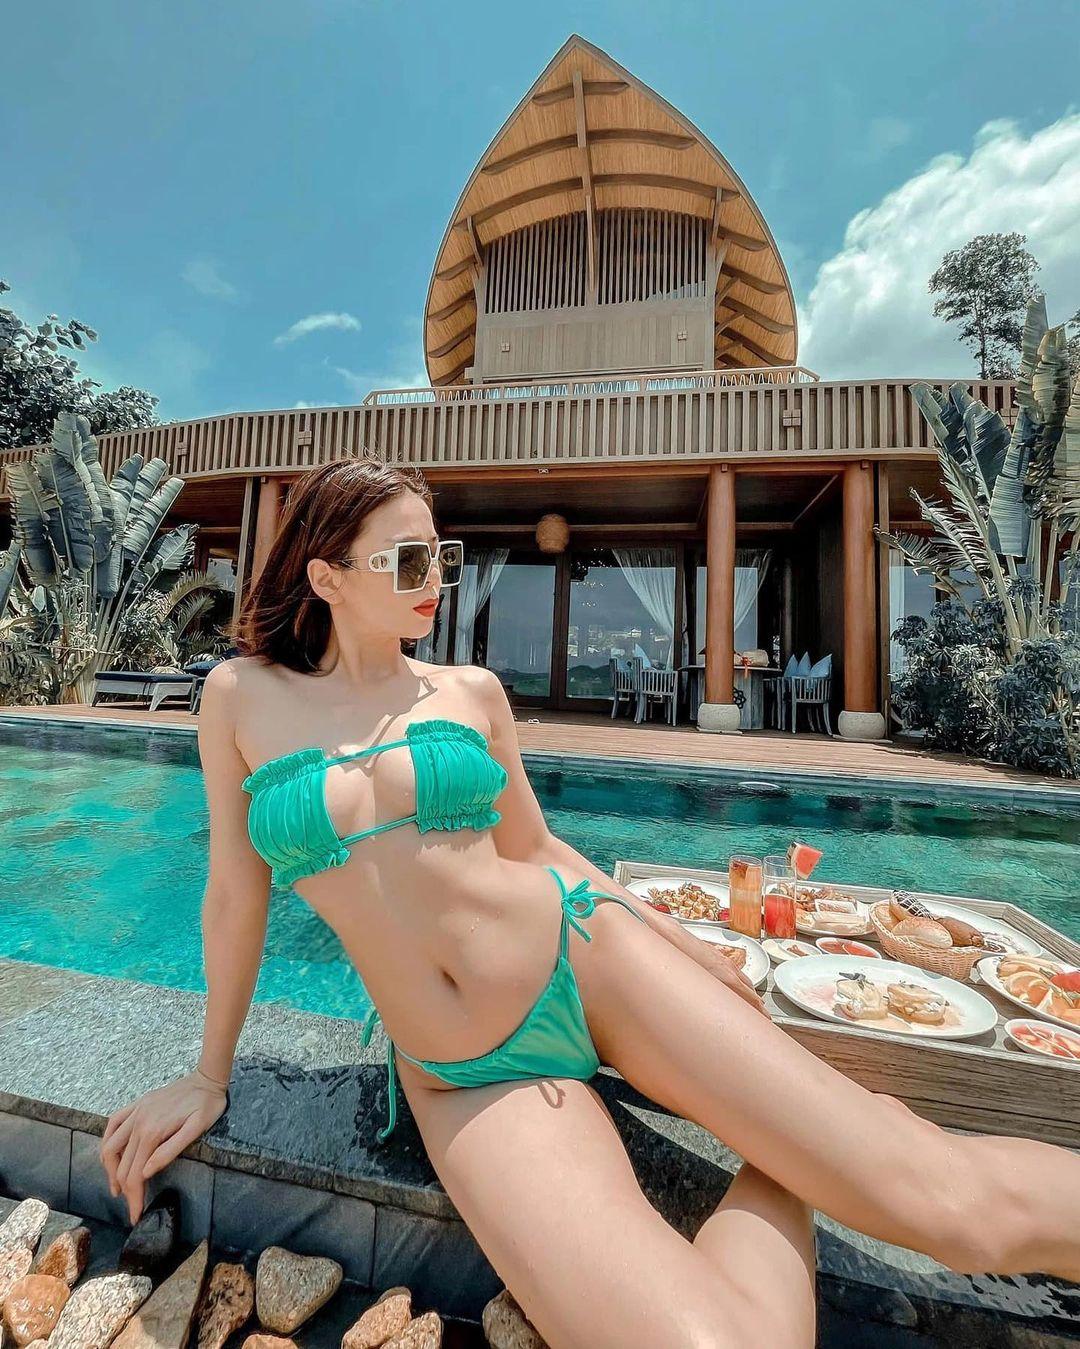 Có 1 kiểu bikini chỉ bé bằng 2 bàn tay của em đây em múa cho mẹ xem nhưng từ netizen tới sao Việt đều diện - Ảnh 8.